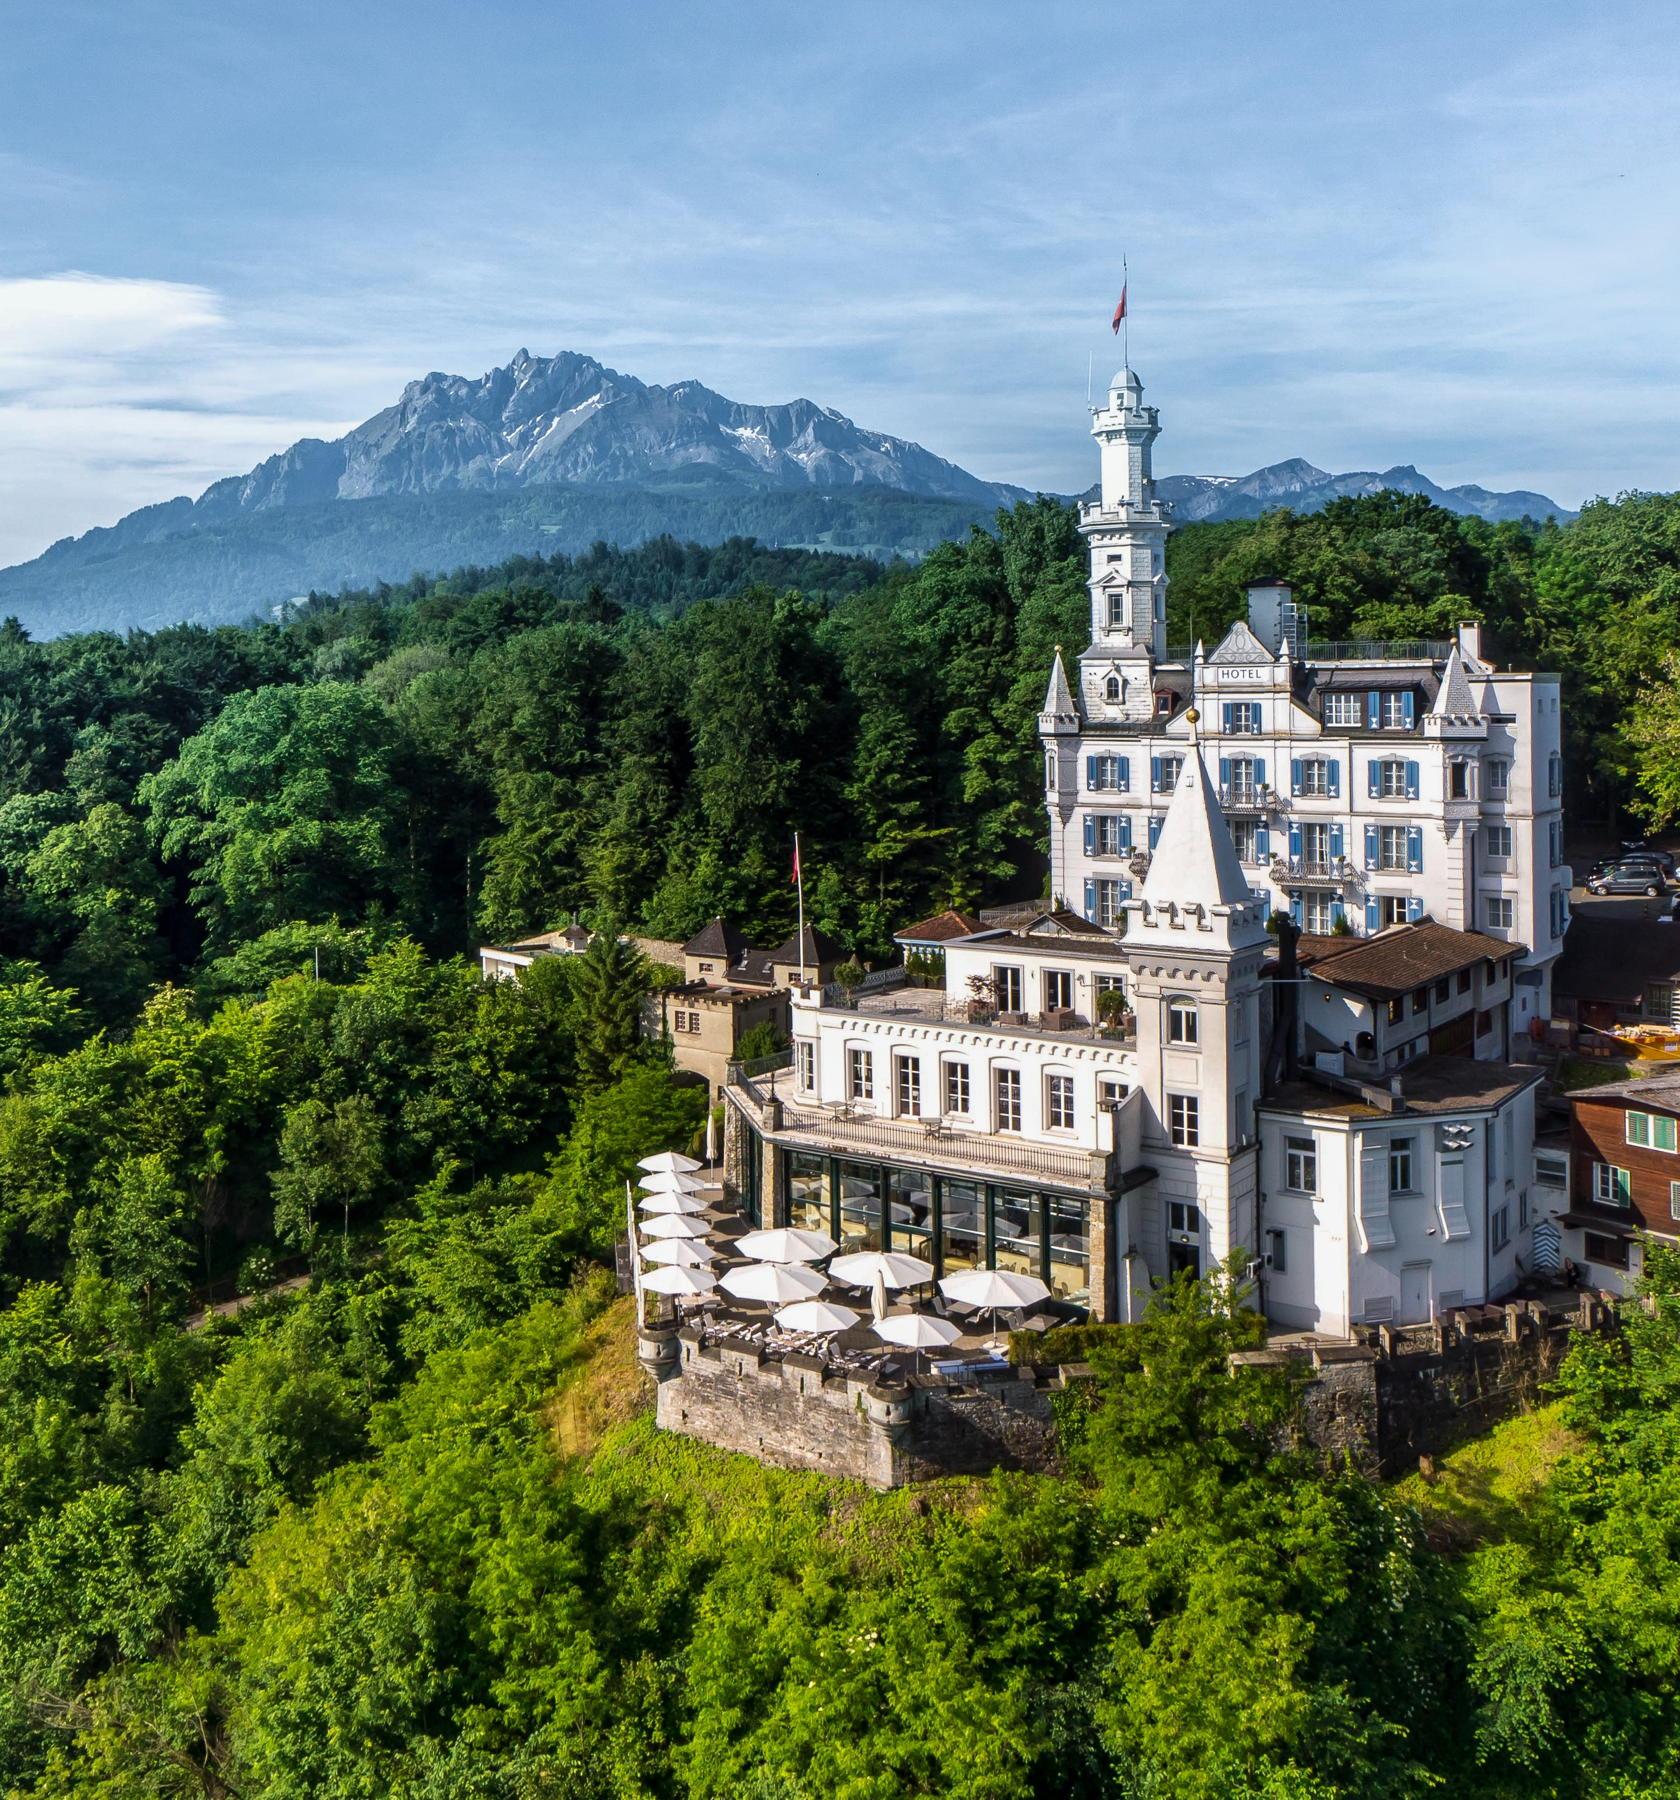 Chateau Gutsch, designed by Martyn Lawrence Bullard